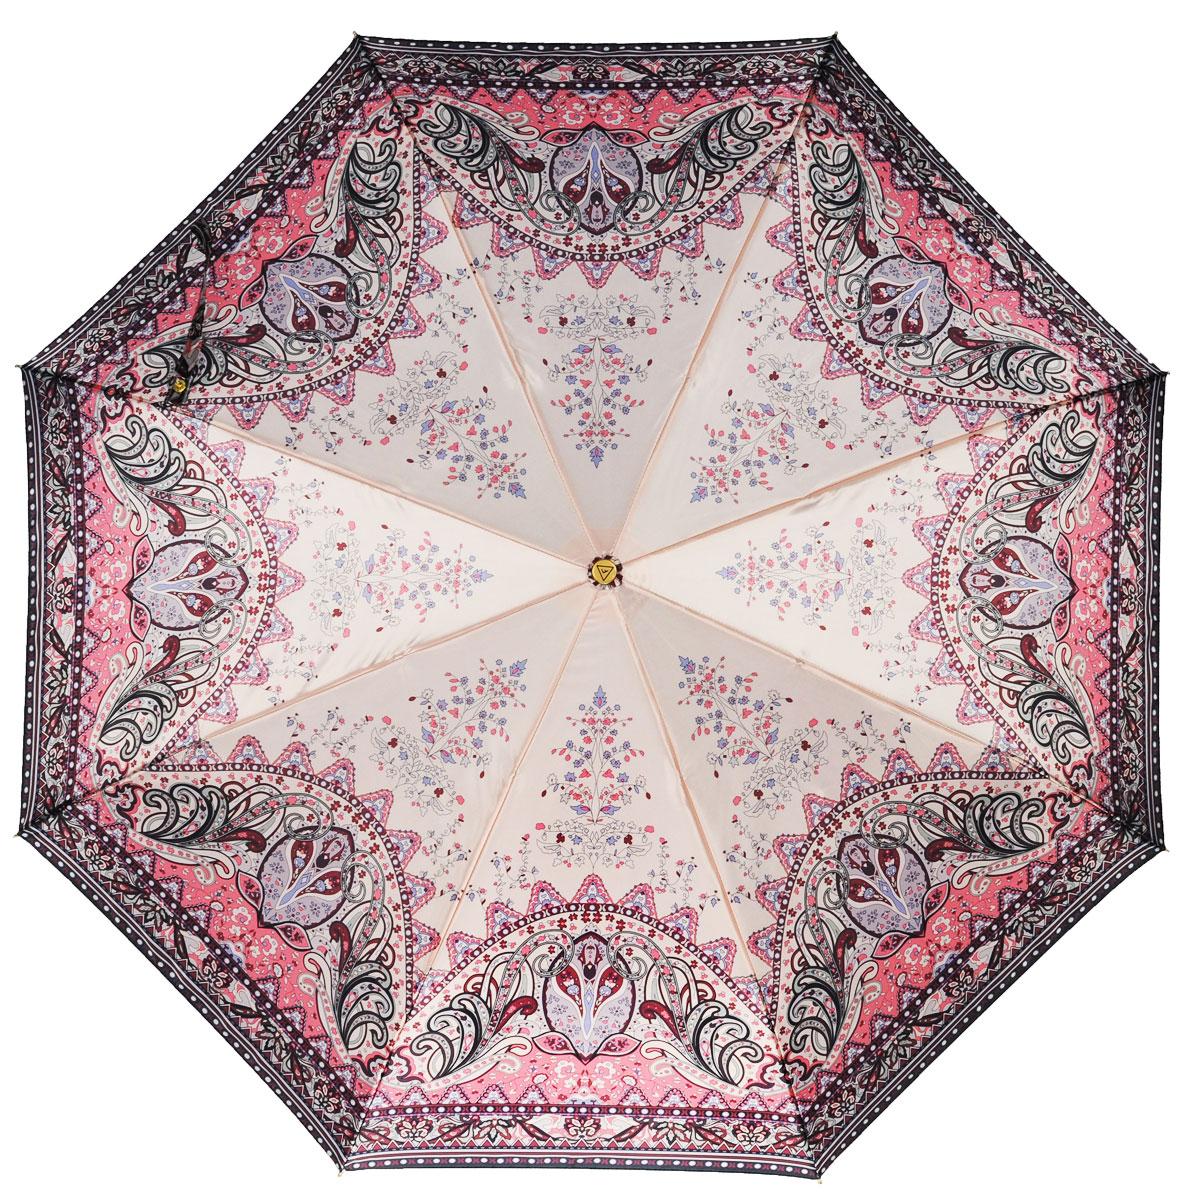 Зонт-автомат женский Fabretti, 3 сложения, цвет: бежевый, розовый, сиреневый. S-15100-1Fabretti S-15100-1Классический зонт торговой марки Fabretti, произведенный из качественных материалов, идеально подойдет для девушек и женщин любых возрастов. Купол зонтика выполнен из полиэстера, обработанного водоотталкивающей пропиткой, и оформлен изящным орнаментом. Каркас зонта выполнен из восьми металлических спиц, стержня и ручки с полиуретановым покрытием, разработанной с учетом требований эргономики. Зонт оснащен полным автоматическим механизмом в три сложения. Купол открывается и закрывается нажатием кнопки на рукоятке, благодаря чему открыть и закрыть зонт можно одной рукой, что чрезвычайно удобно при входе в транспорт или помещение, стержень складывается вручную до характерного щелчка. На рукоятке для удобства есть небольшой шнурок-резинка, позволяющий надеть зонт на руку тогда, когда это будет необходимо. Компактные размеры зонта в сложенном виде позволят ему без труда поместиться в сумочке и не доставят никаких проблем во время переноски. Зонт поставляется в...